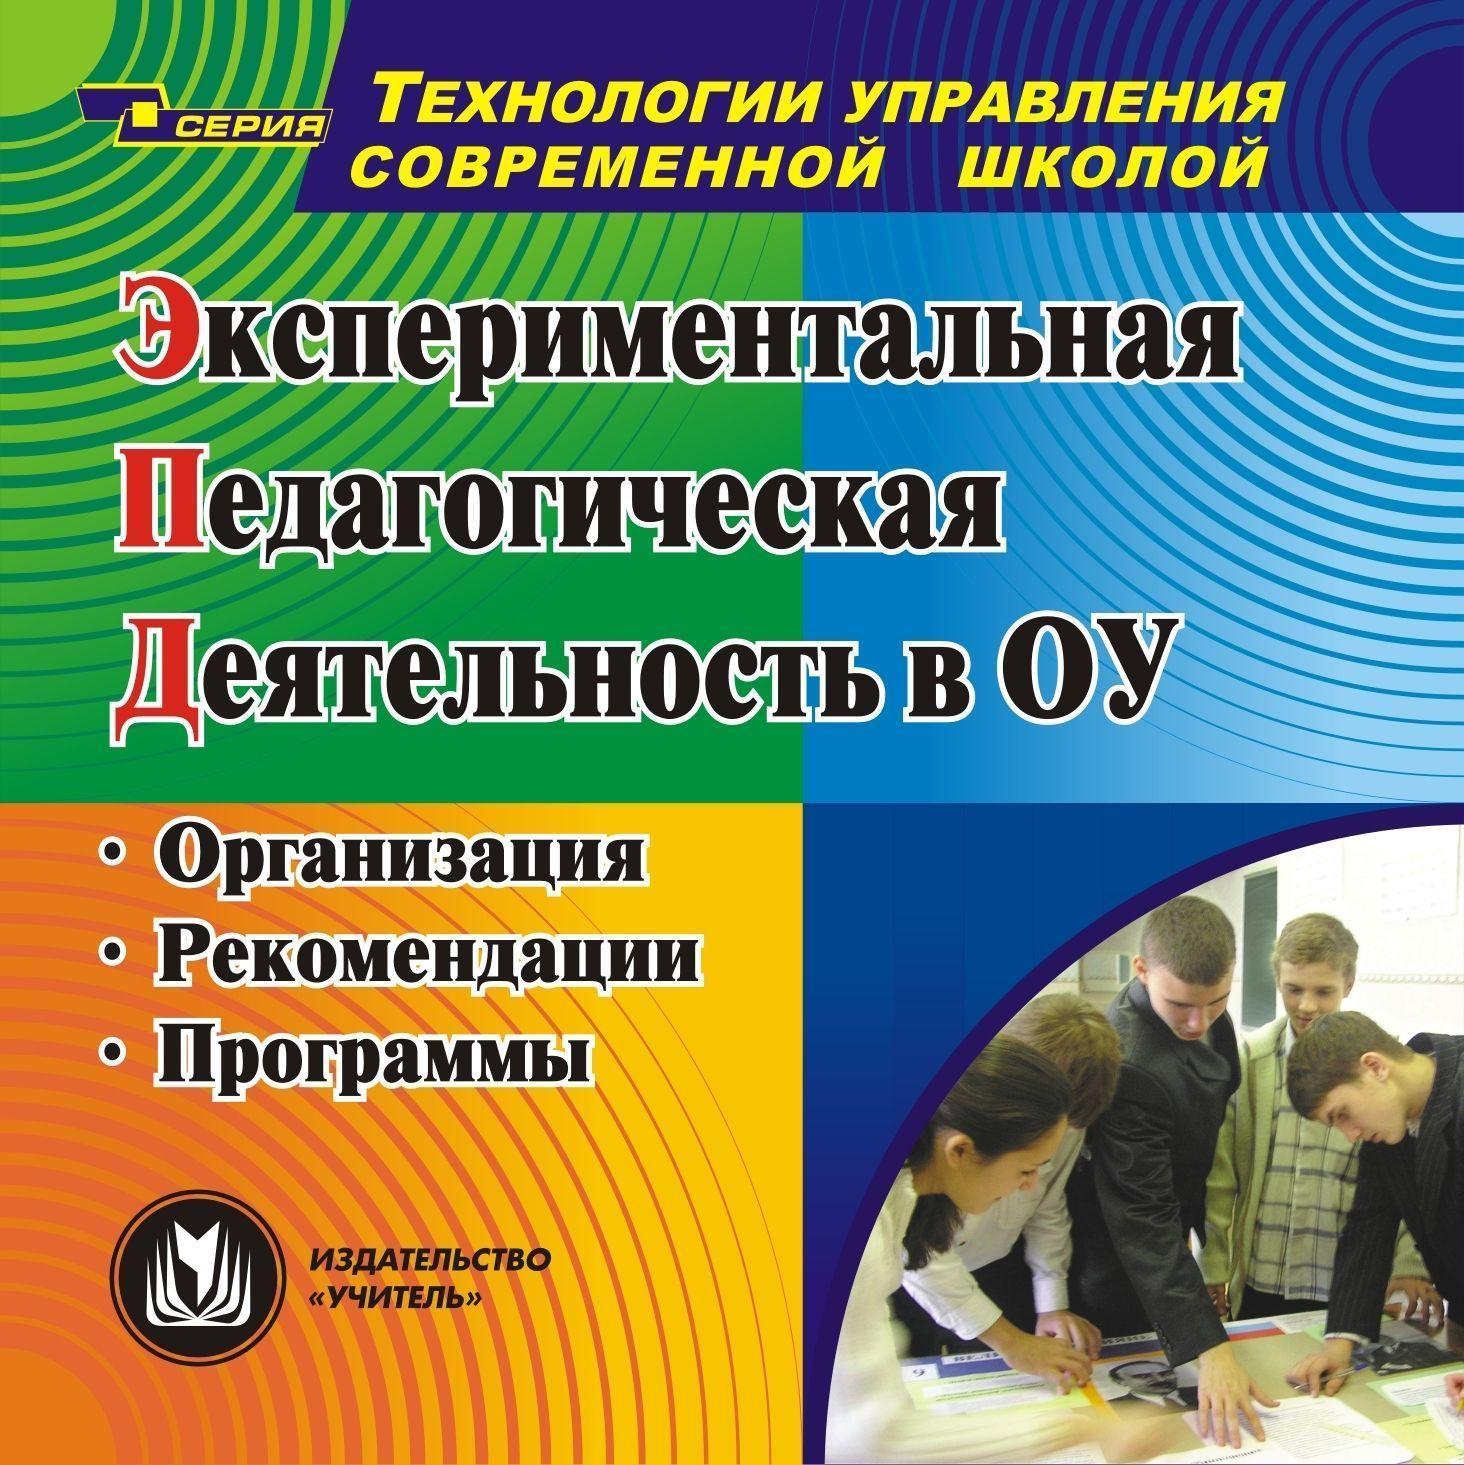 Купить со скидкой Экспериментальная педагогическая деятельность в ОУ. Компакт-диск для компьютера: Организация. Рекоме